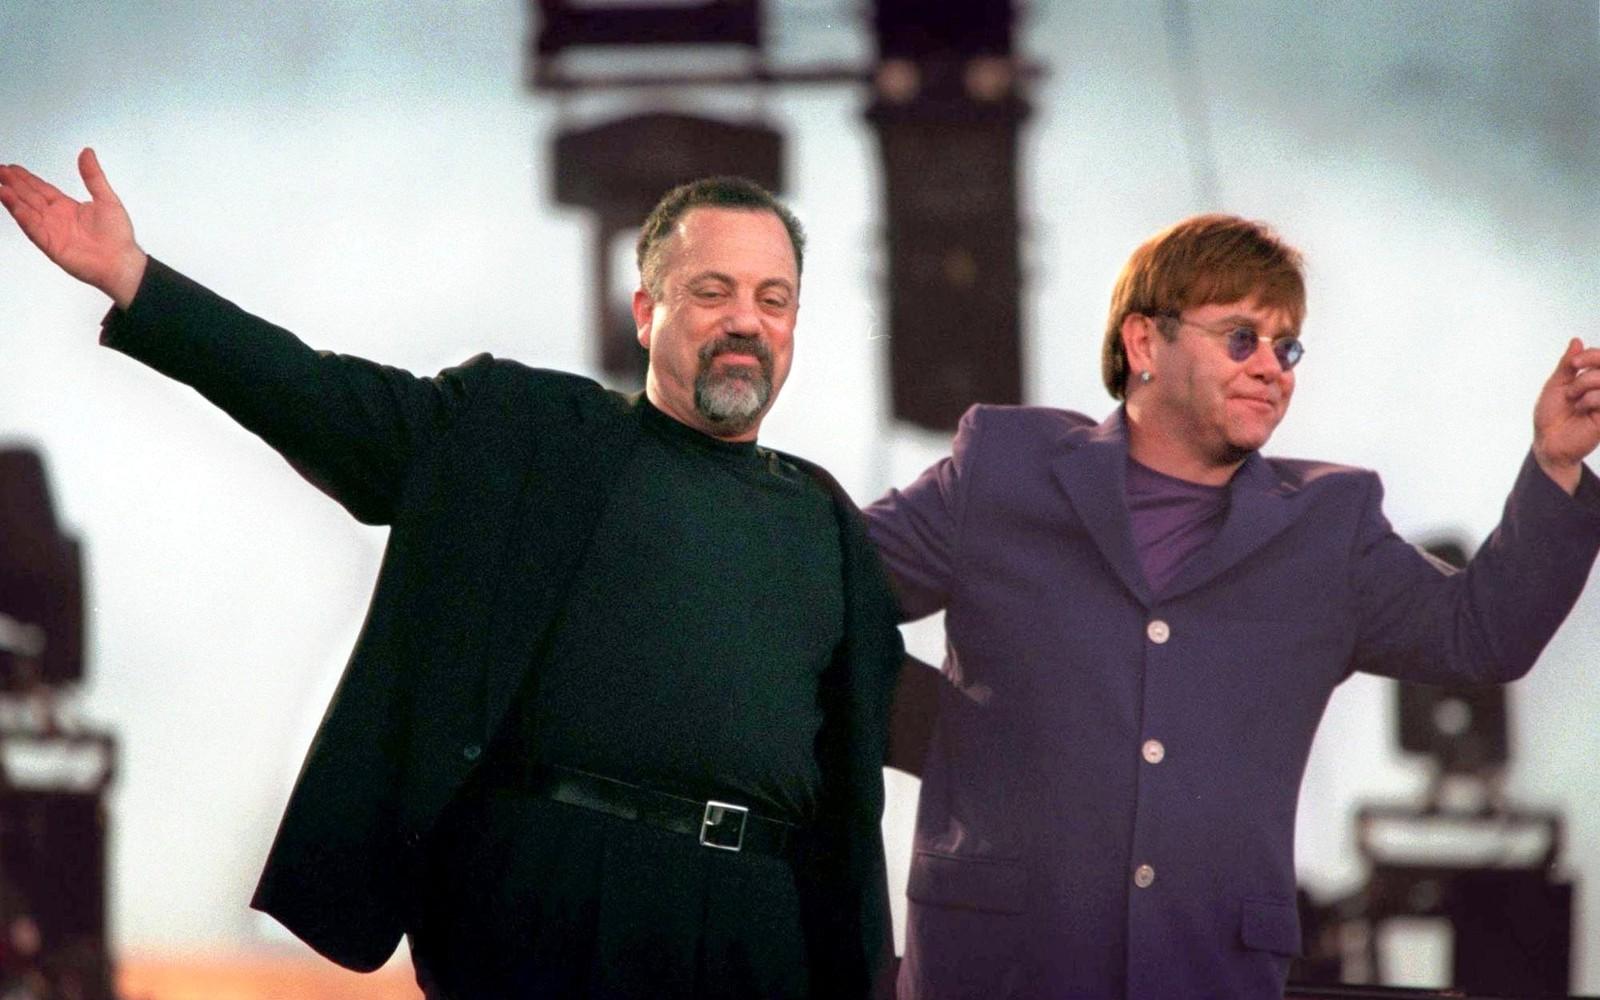 1998: Billy Joel og Elton John på turné saman i Australia. Her helsar dei på publikum før konsertstart i Perth 4. mars. I månaden som fulgte heldt dei konsertar i alle dei største australske byane.